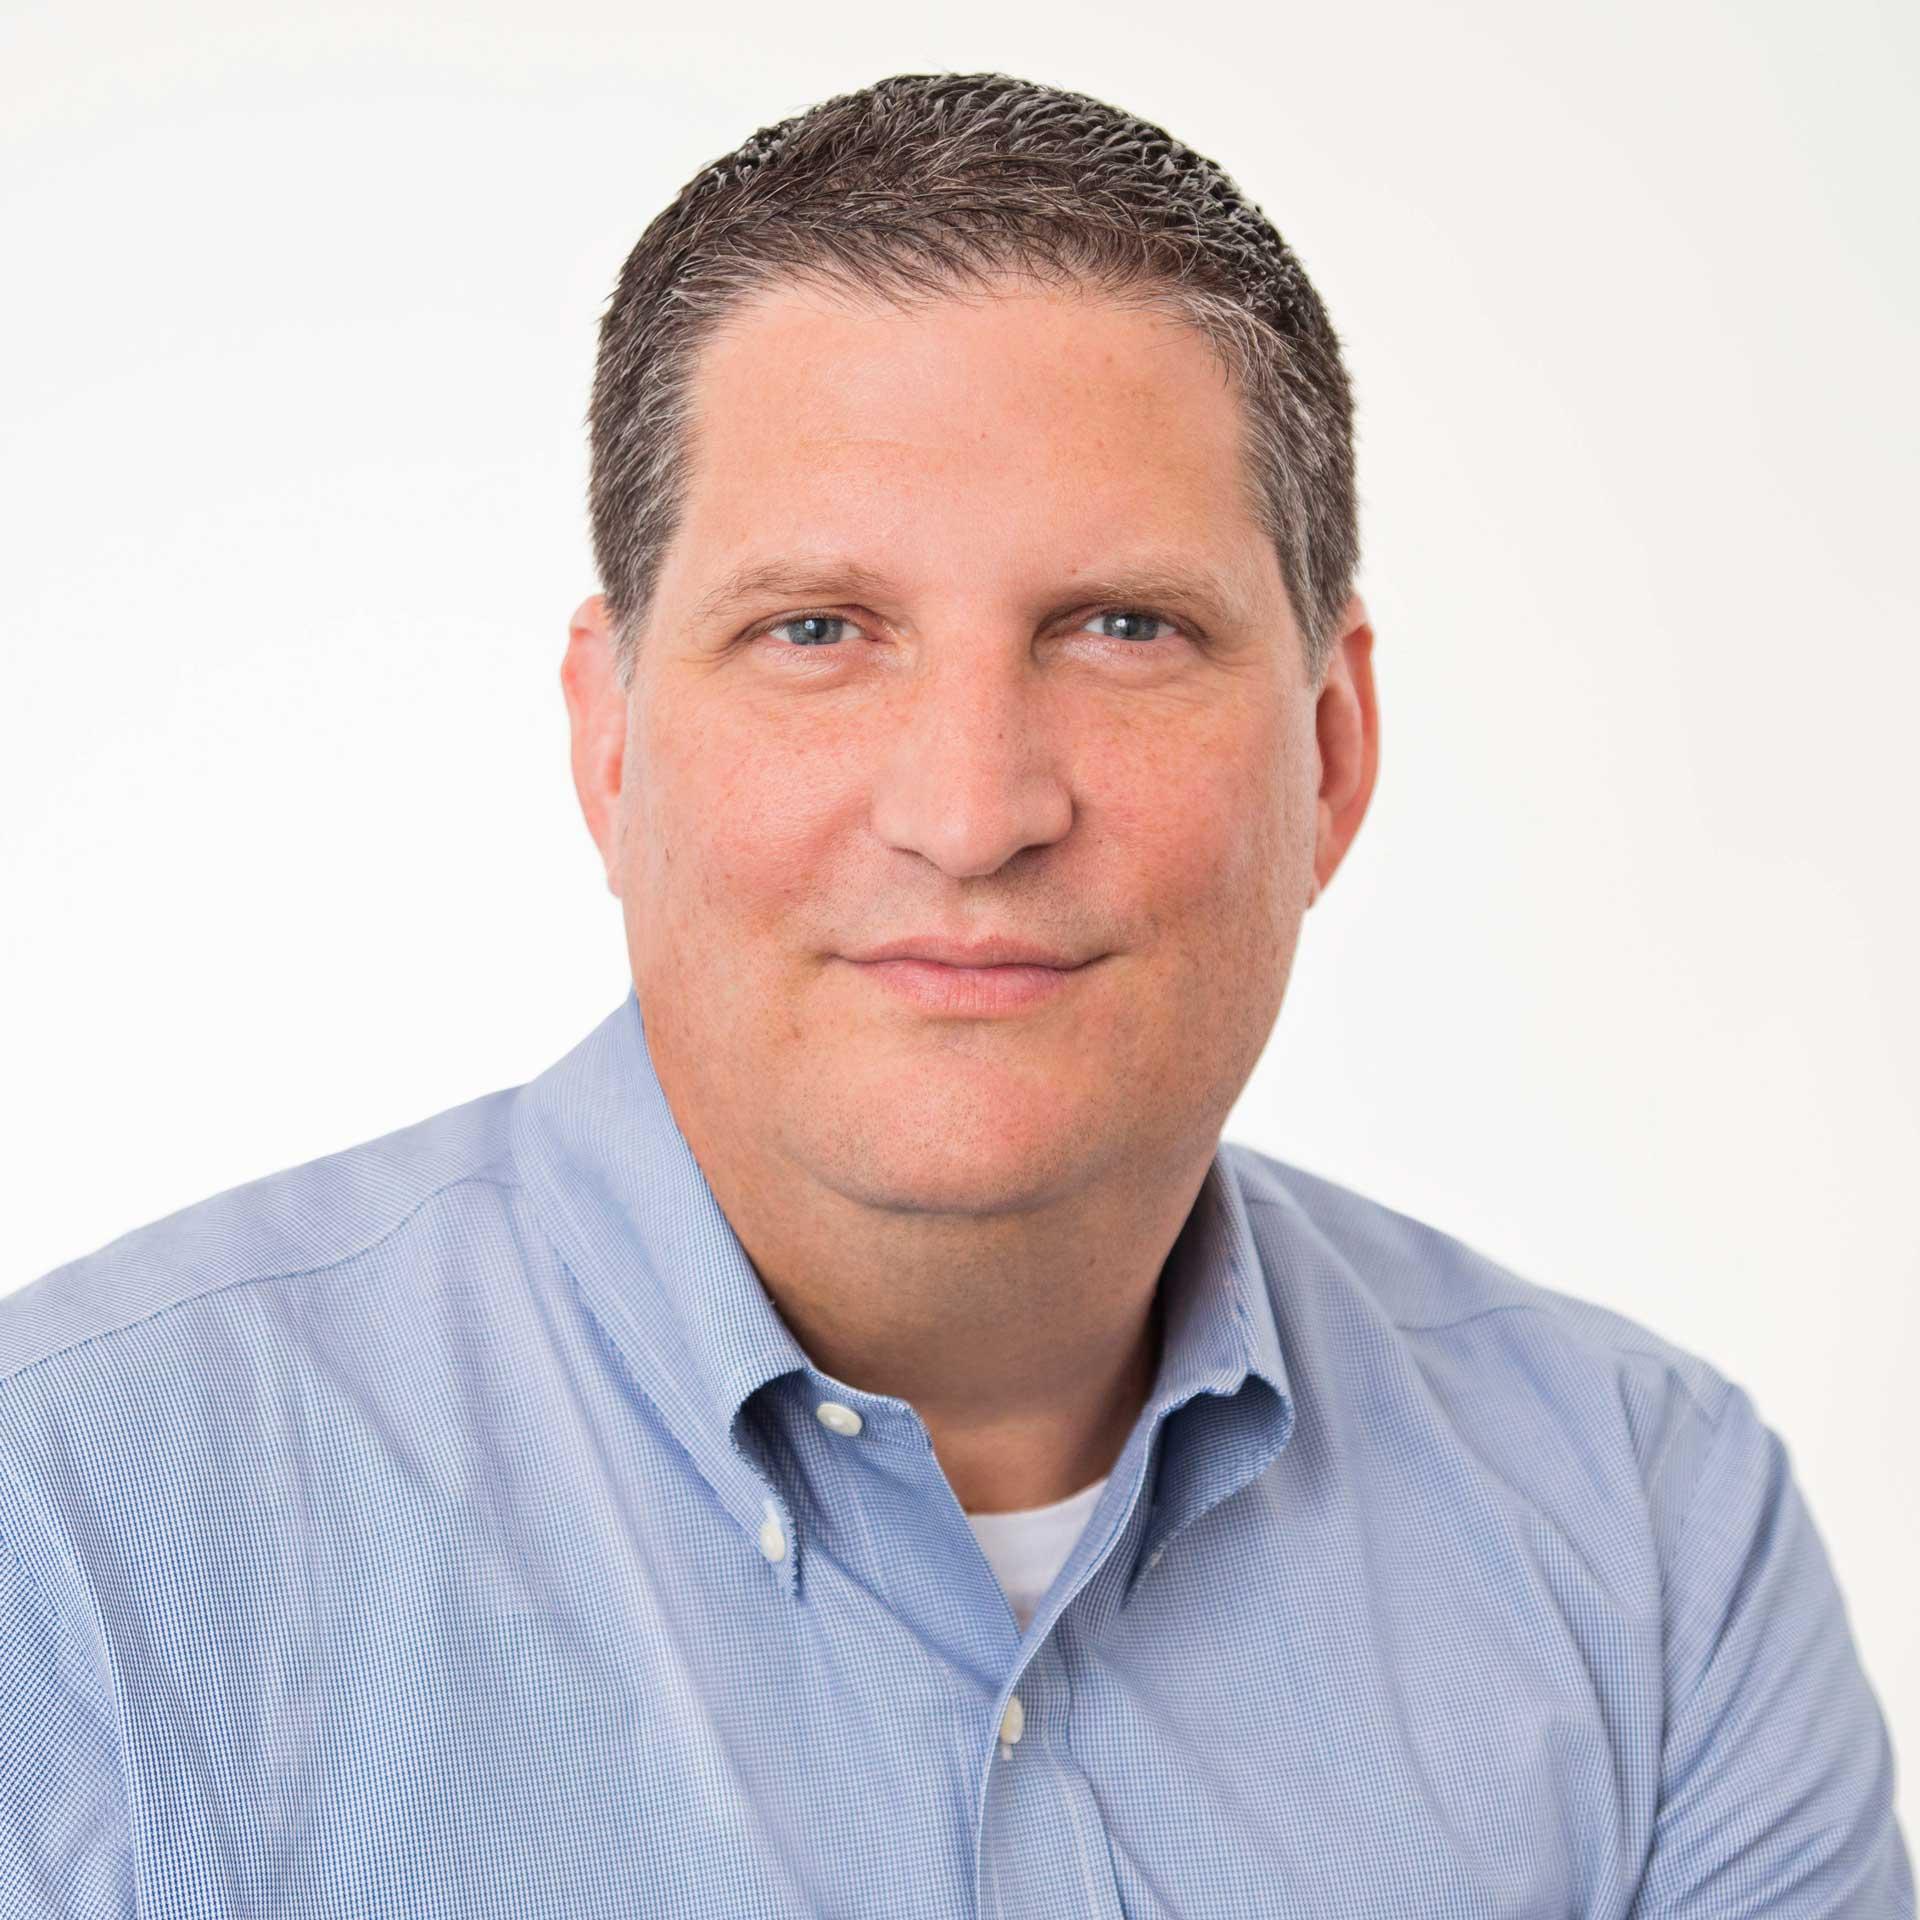 Greg Bogich